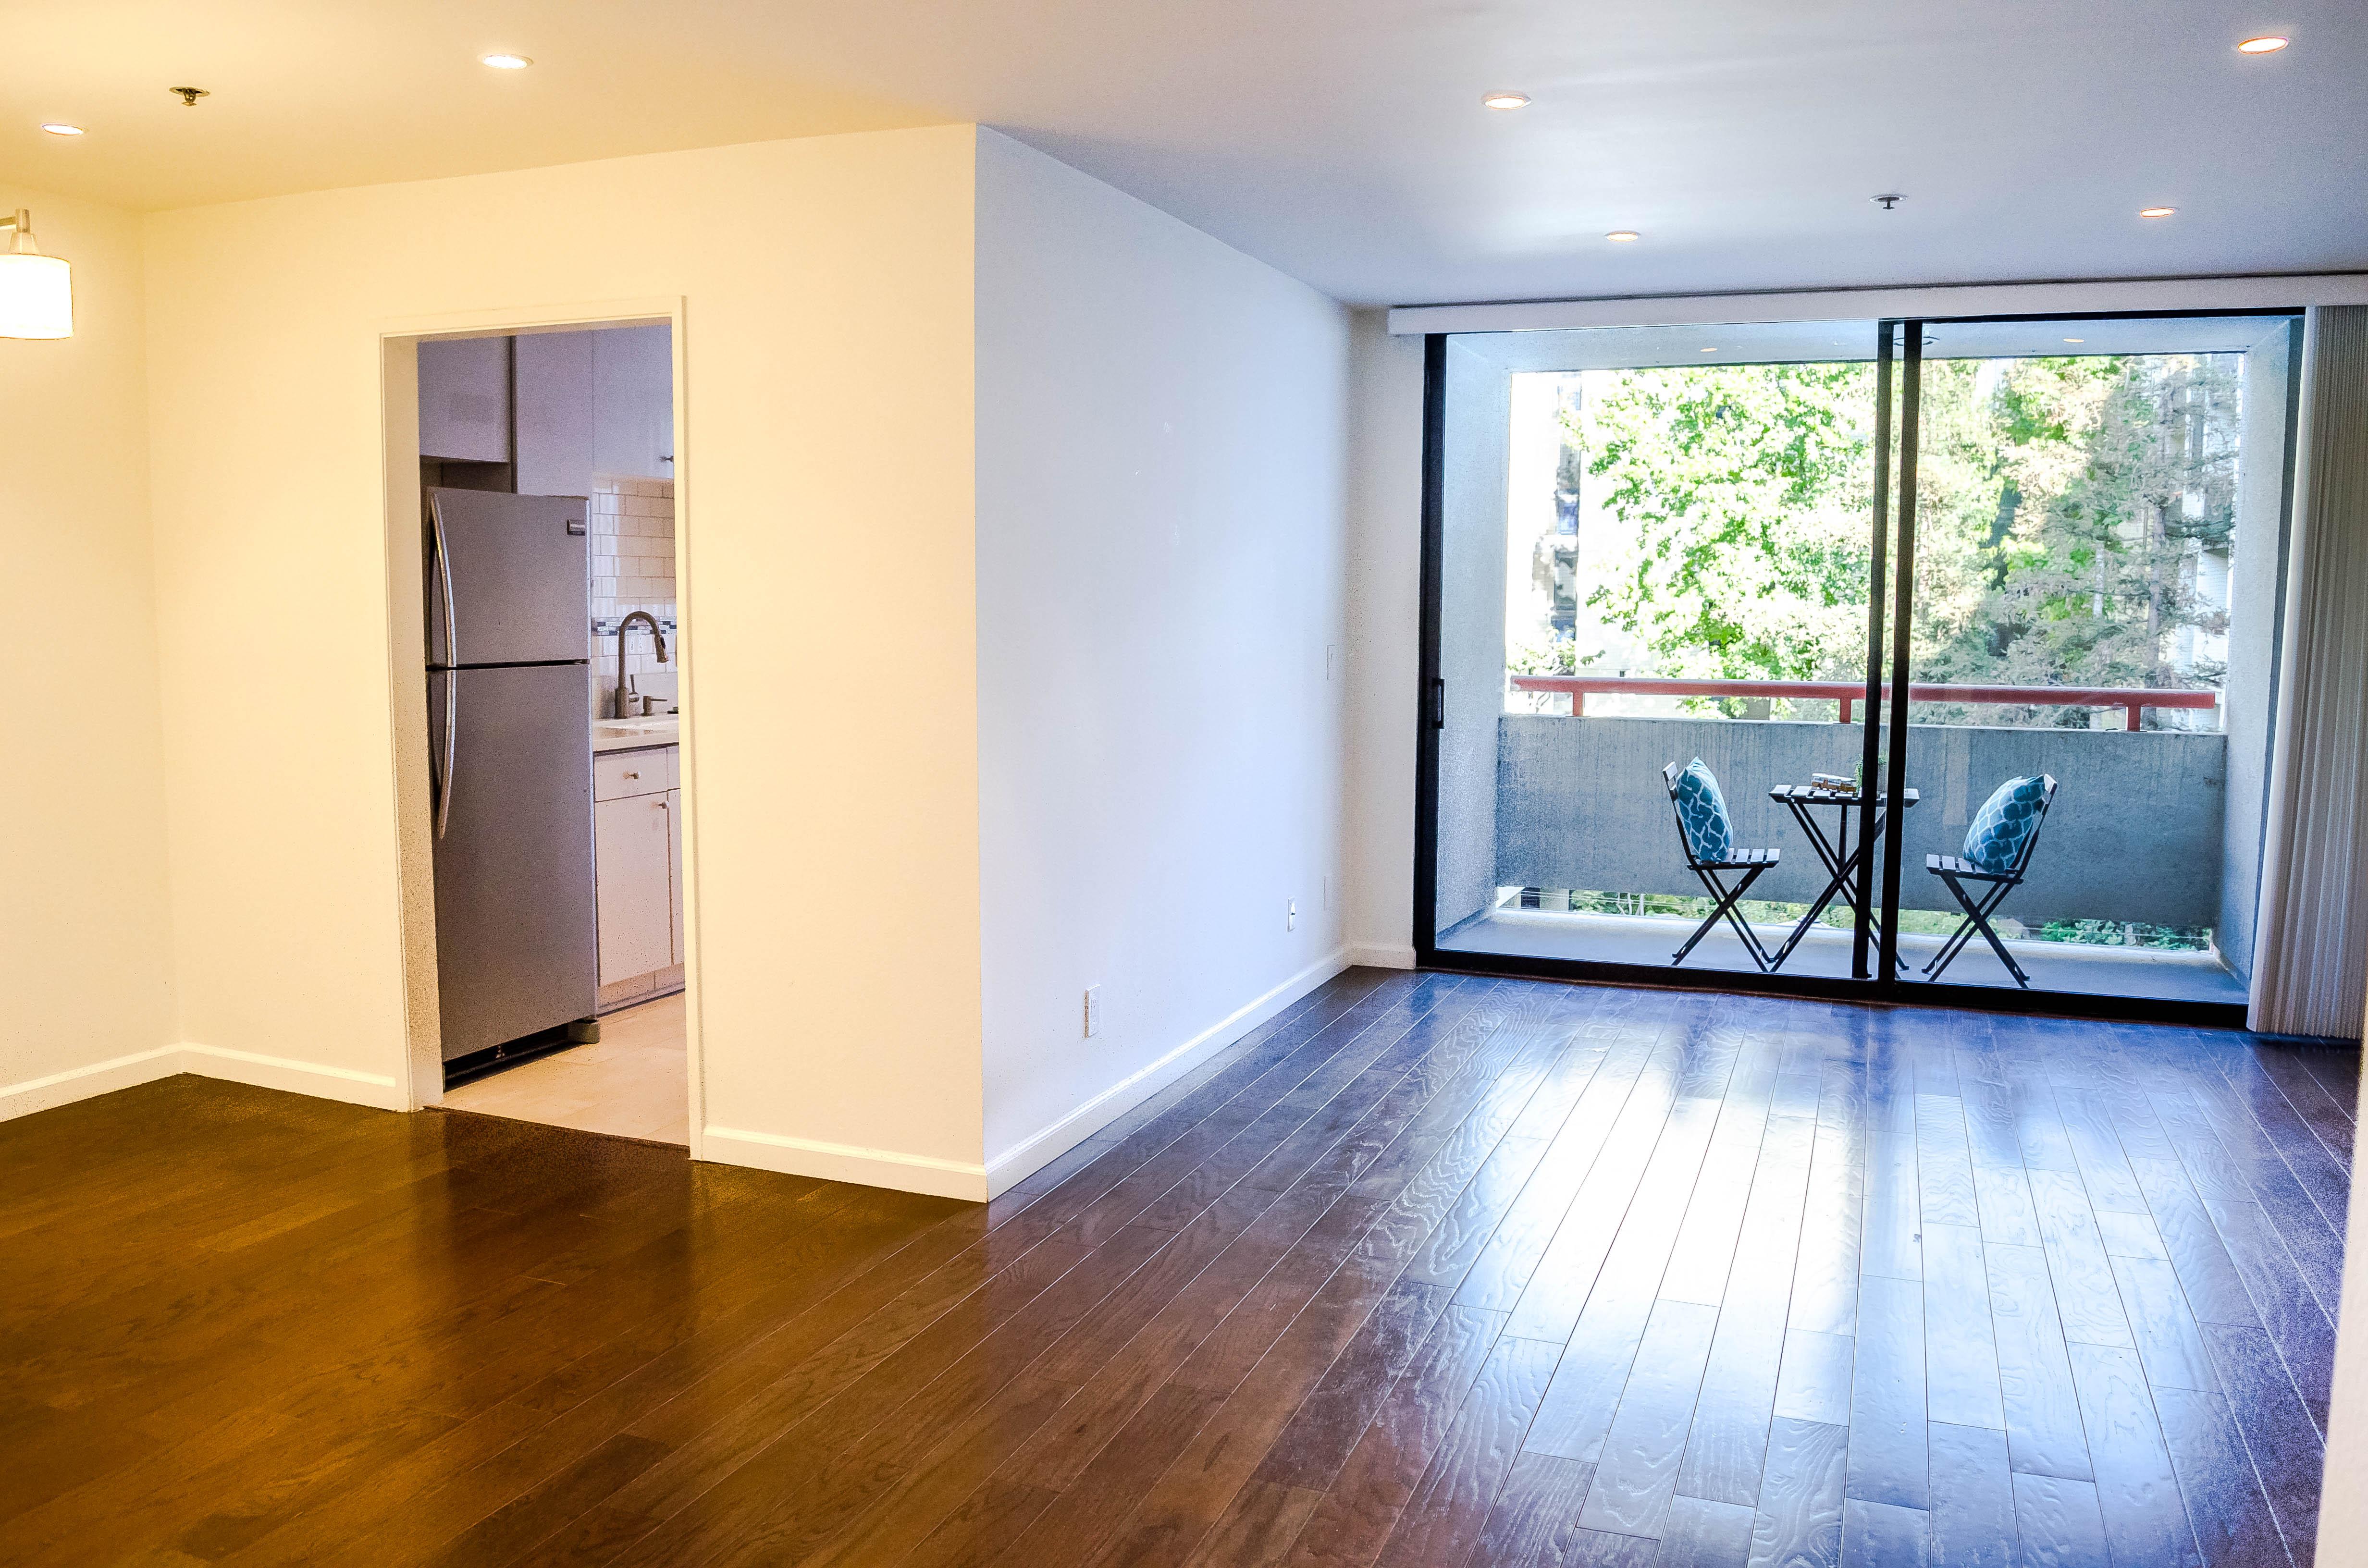 222 S. Central Ave #200 Livingroom-2